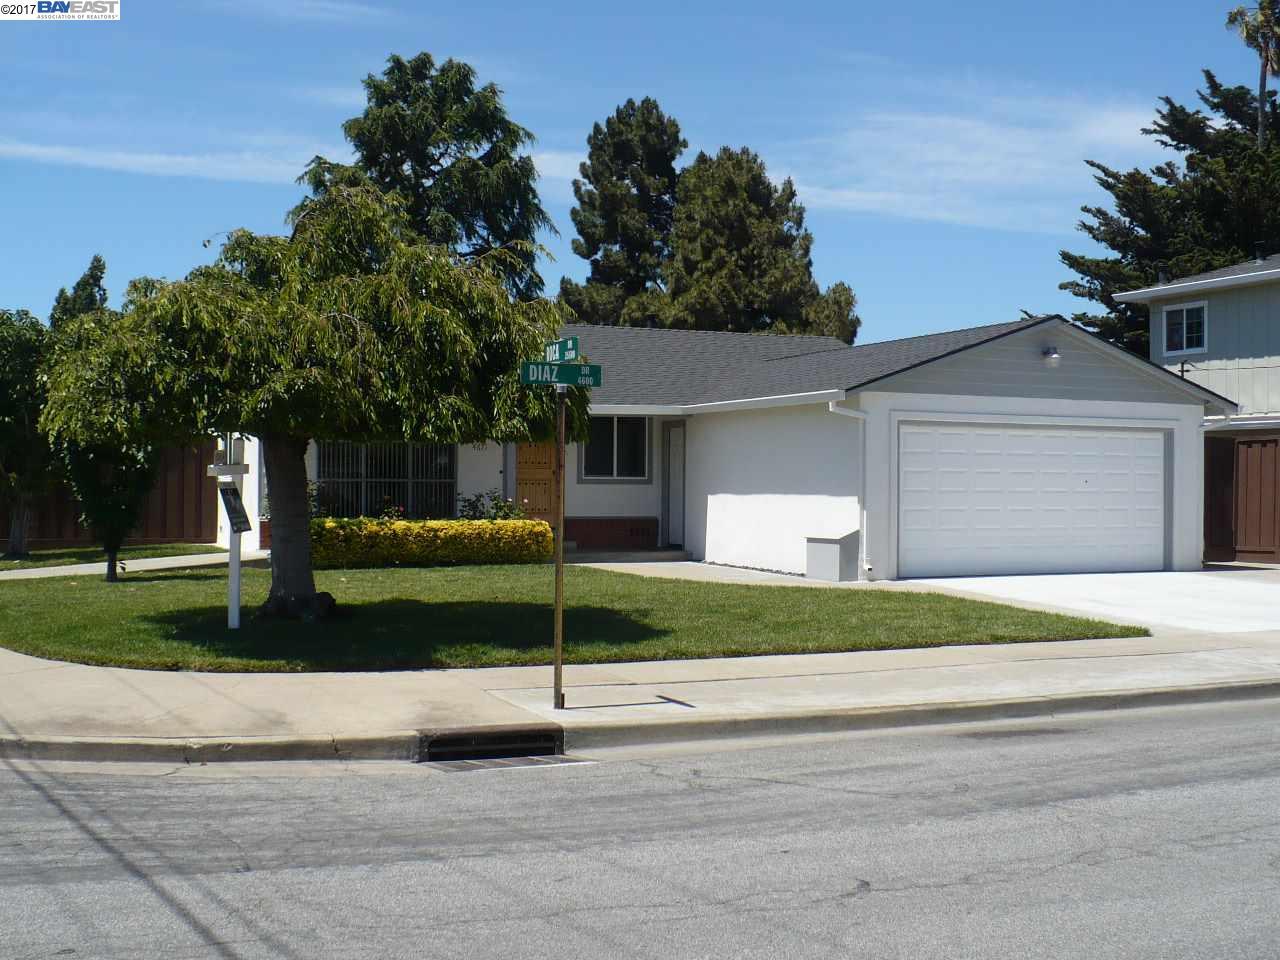 4671 Diaz Dr, FREMONT, CA 94536